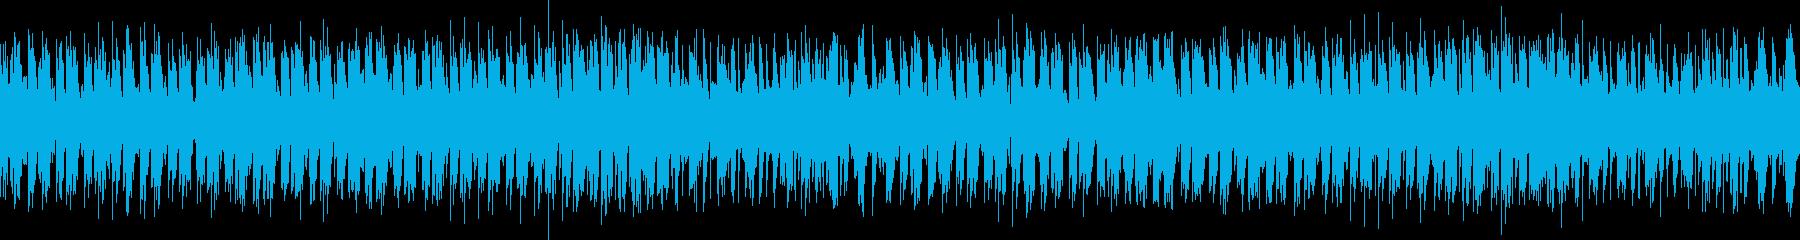 スーファミ系、怪しい雰囲気の洞窟の再生済みの波形